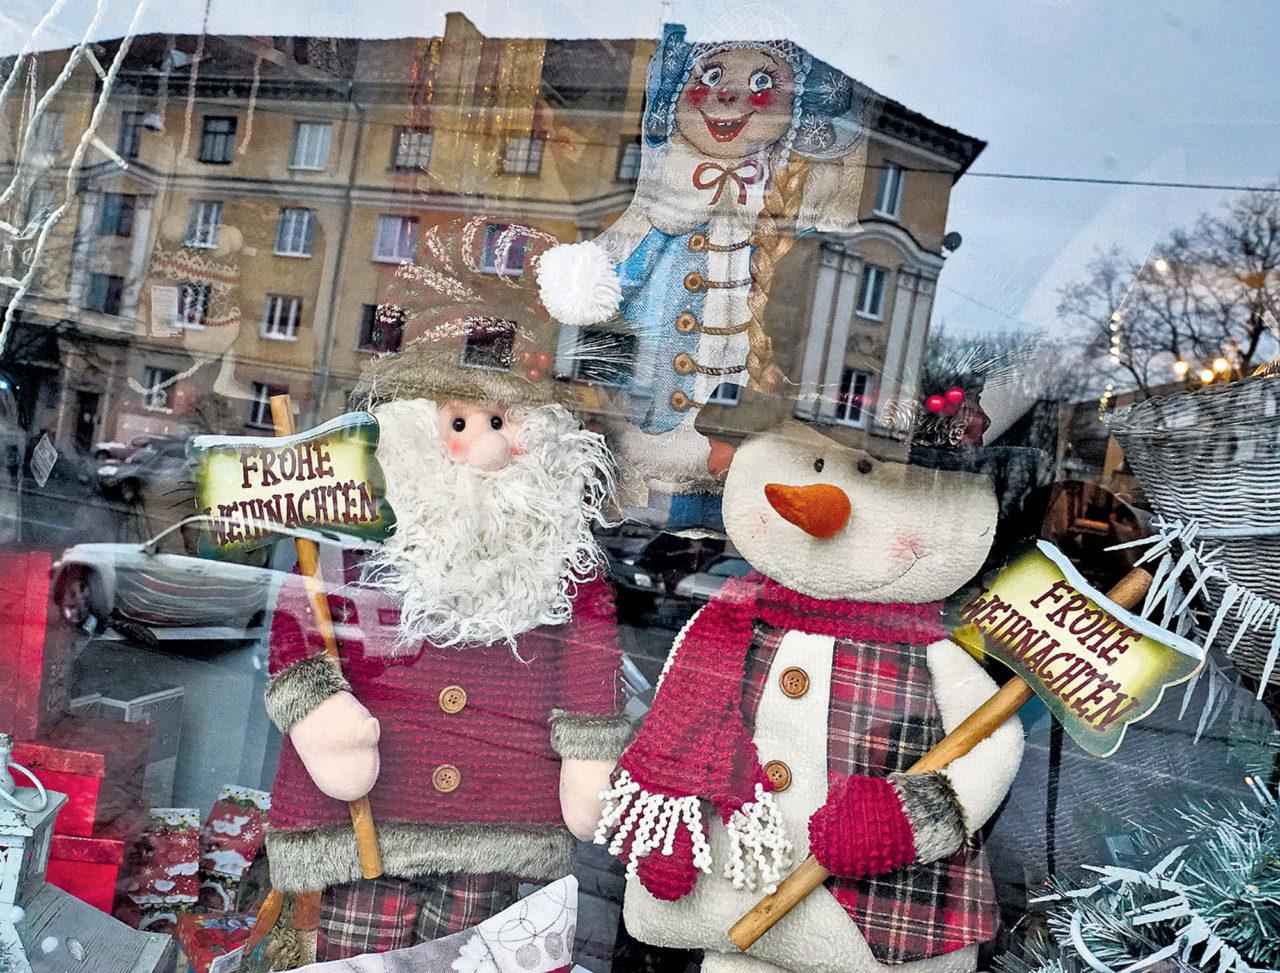 Frohes Fest! Vitrine eines Geschenkartikelladens in Kaliningrad, dem ehemaligen Königsberg. / RIA Novosti